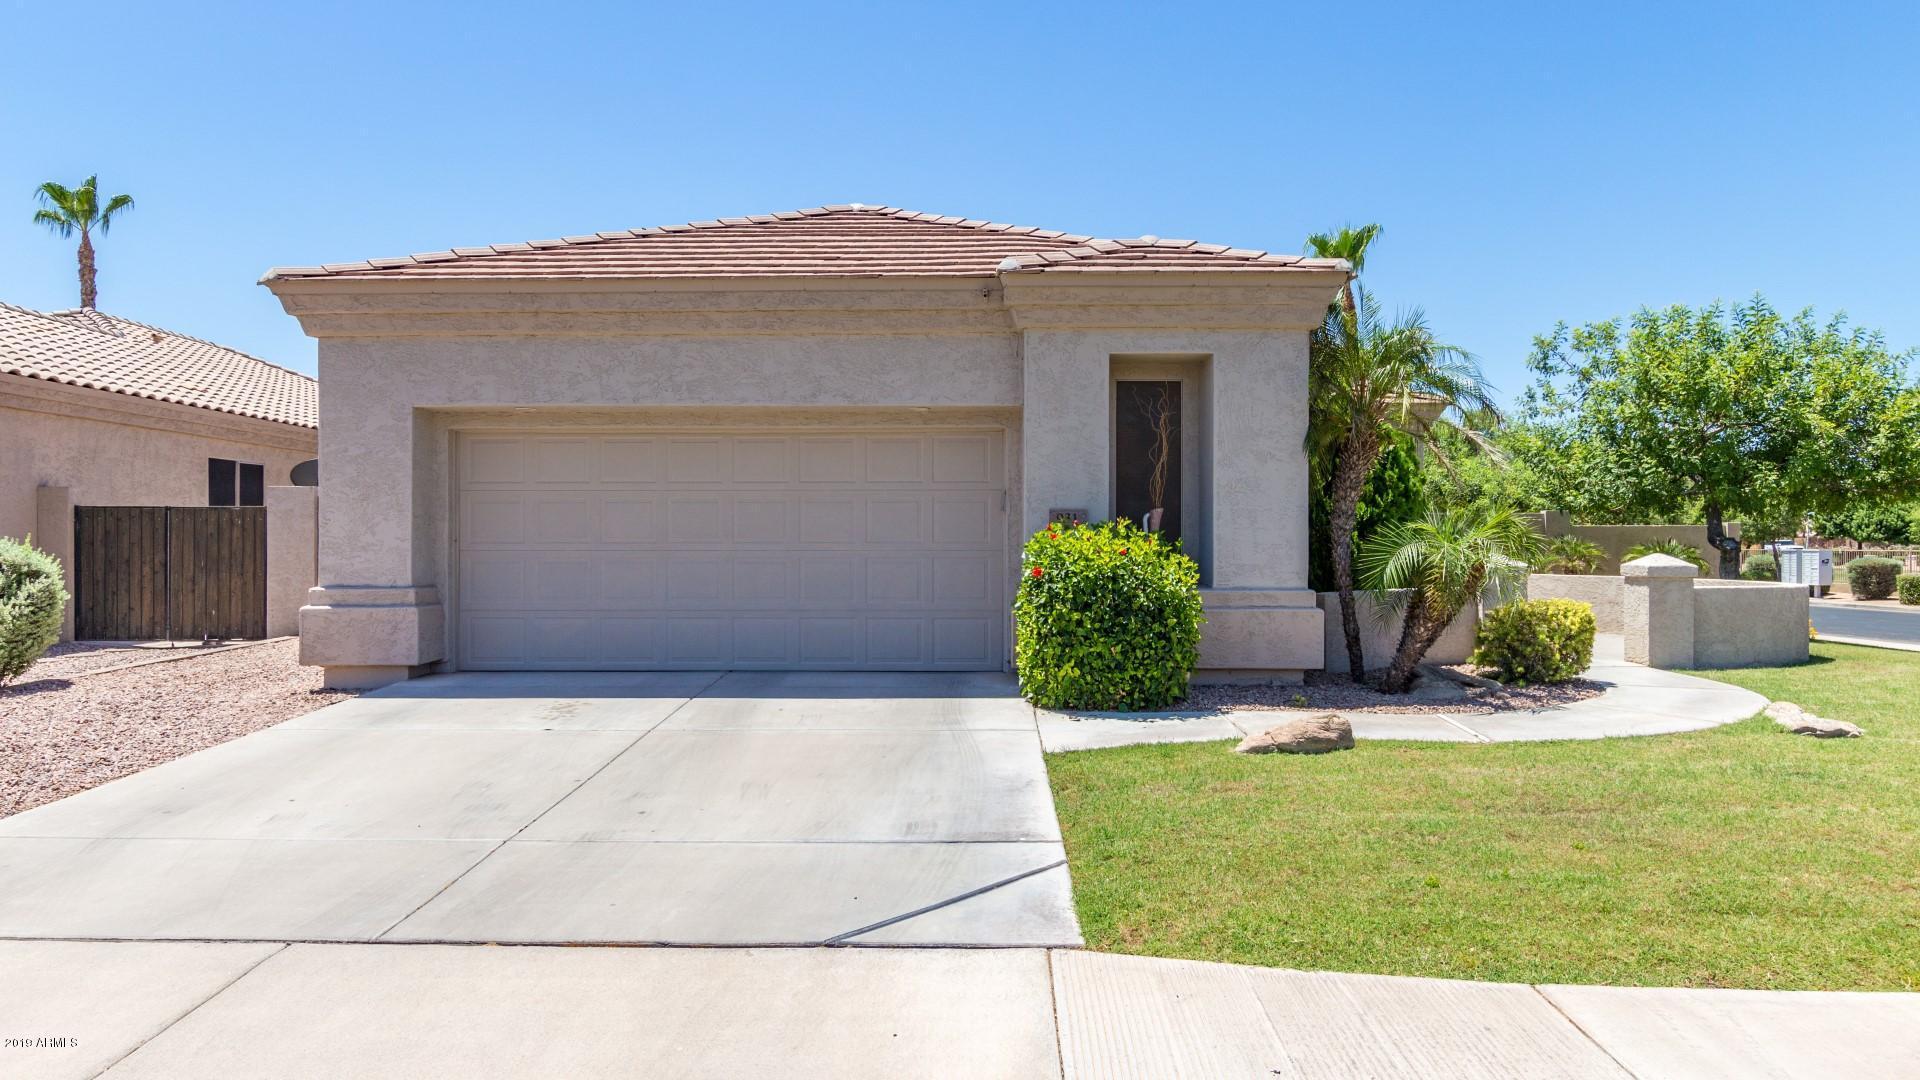 Photo of 931 W ORIOLE Way, Chandler, AZ 85286